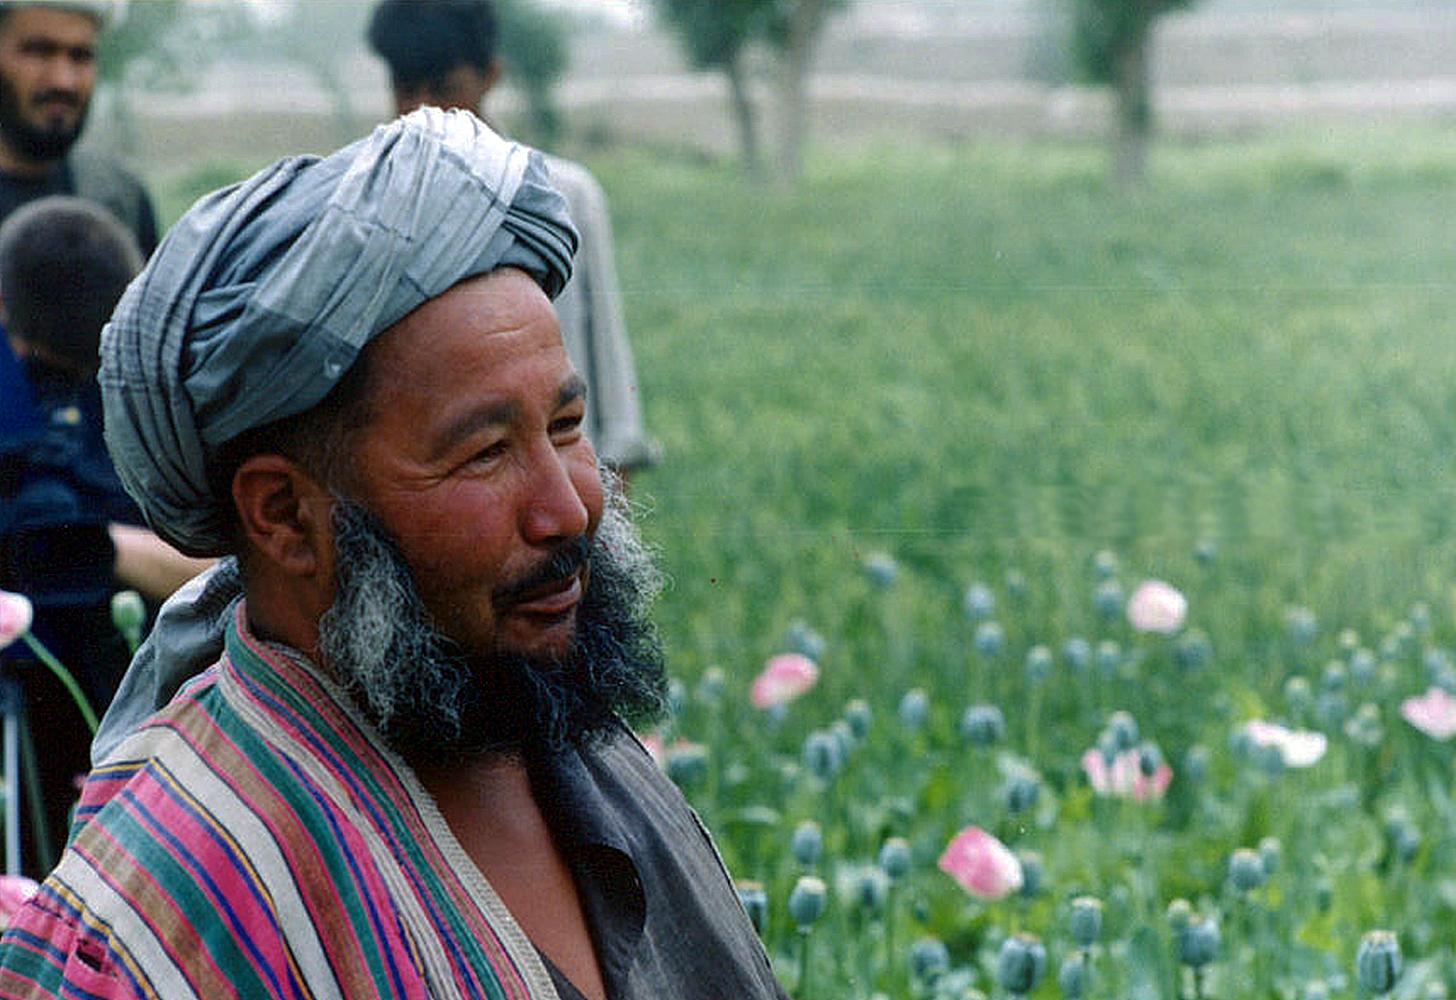 Хоким-палван, хозяин опиумной плантации, уезд Калай-Зал провинции Кундуз, апрель 2002 года. Фото А.А. Князева